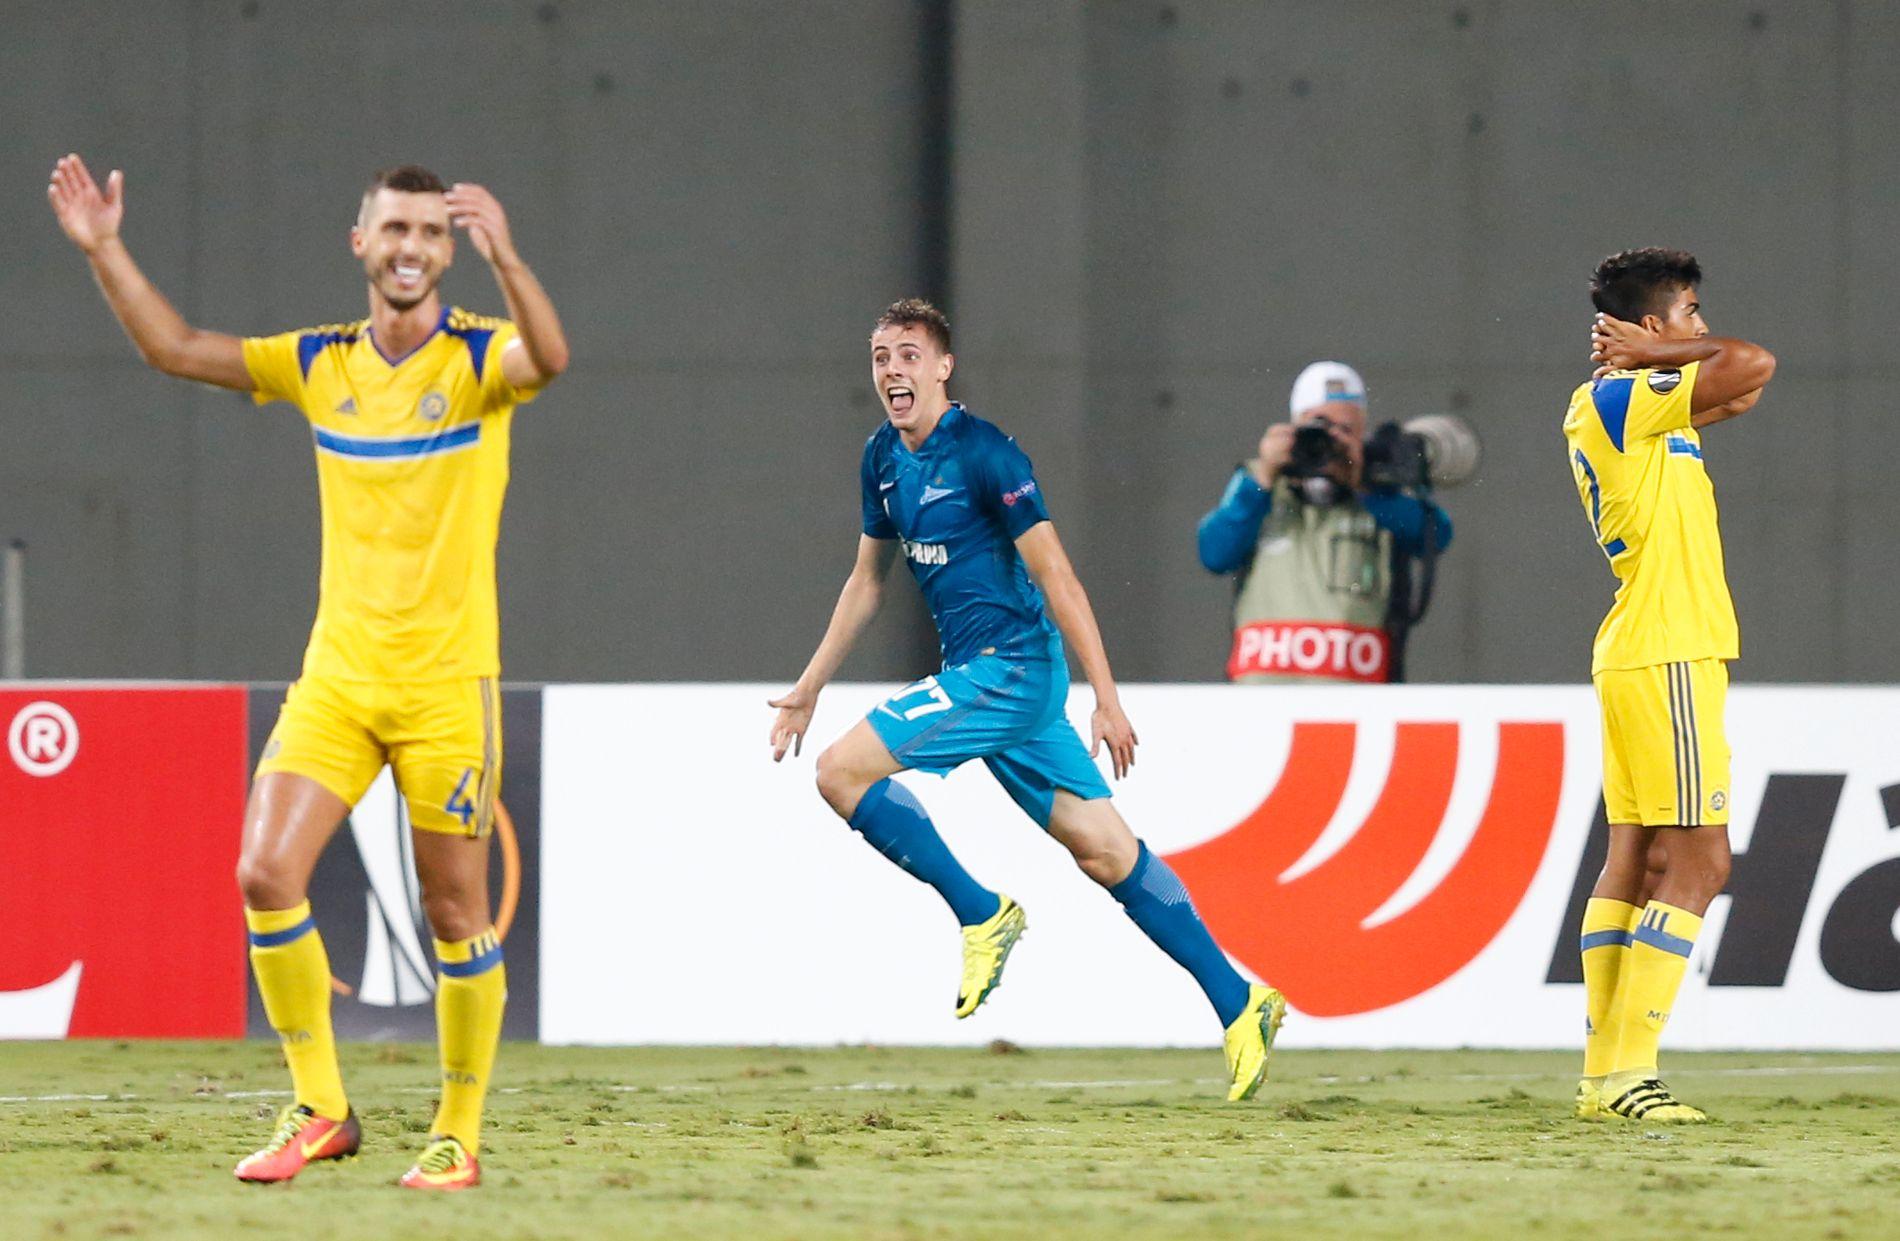 ER DET MULIG? Luka Djordjevic kan nesten ikke tro det er sant etter å ha satt inn Zenits seiermål i kampens siste minutt. Maccabi Tel Aviv-spillerne fortviler etter å ha ledet 3-0 et kvarter tidligere.